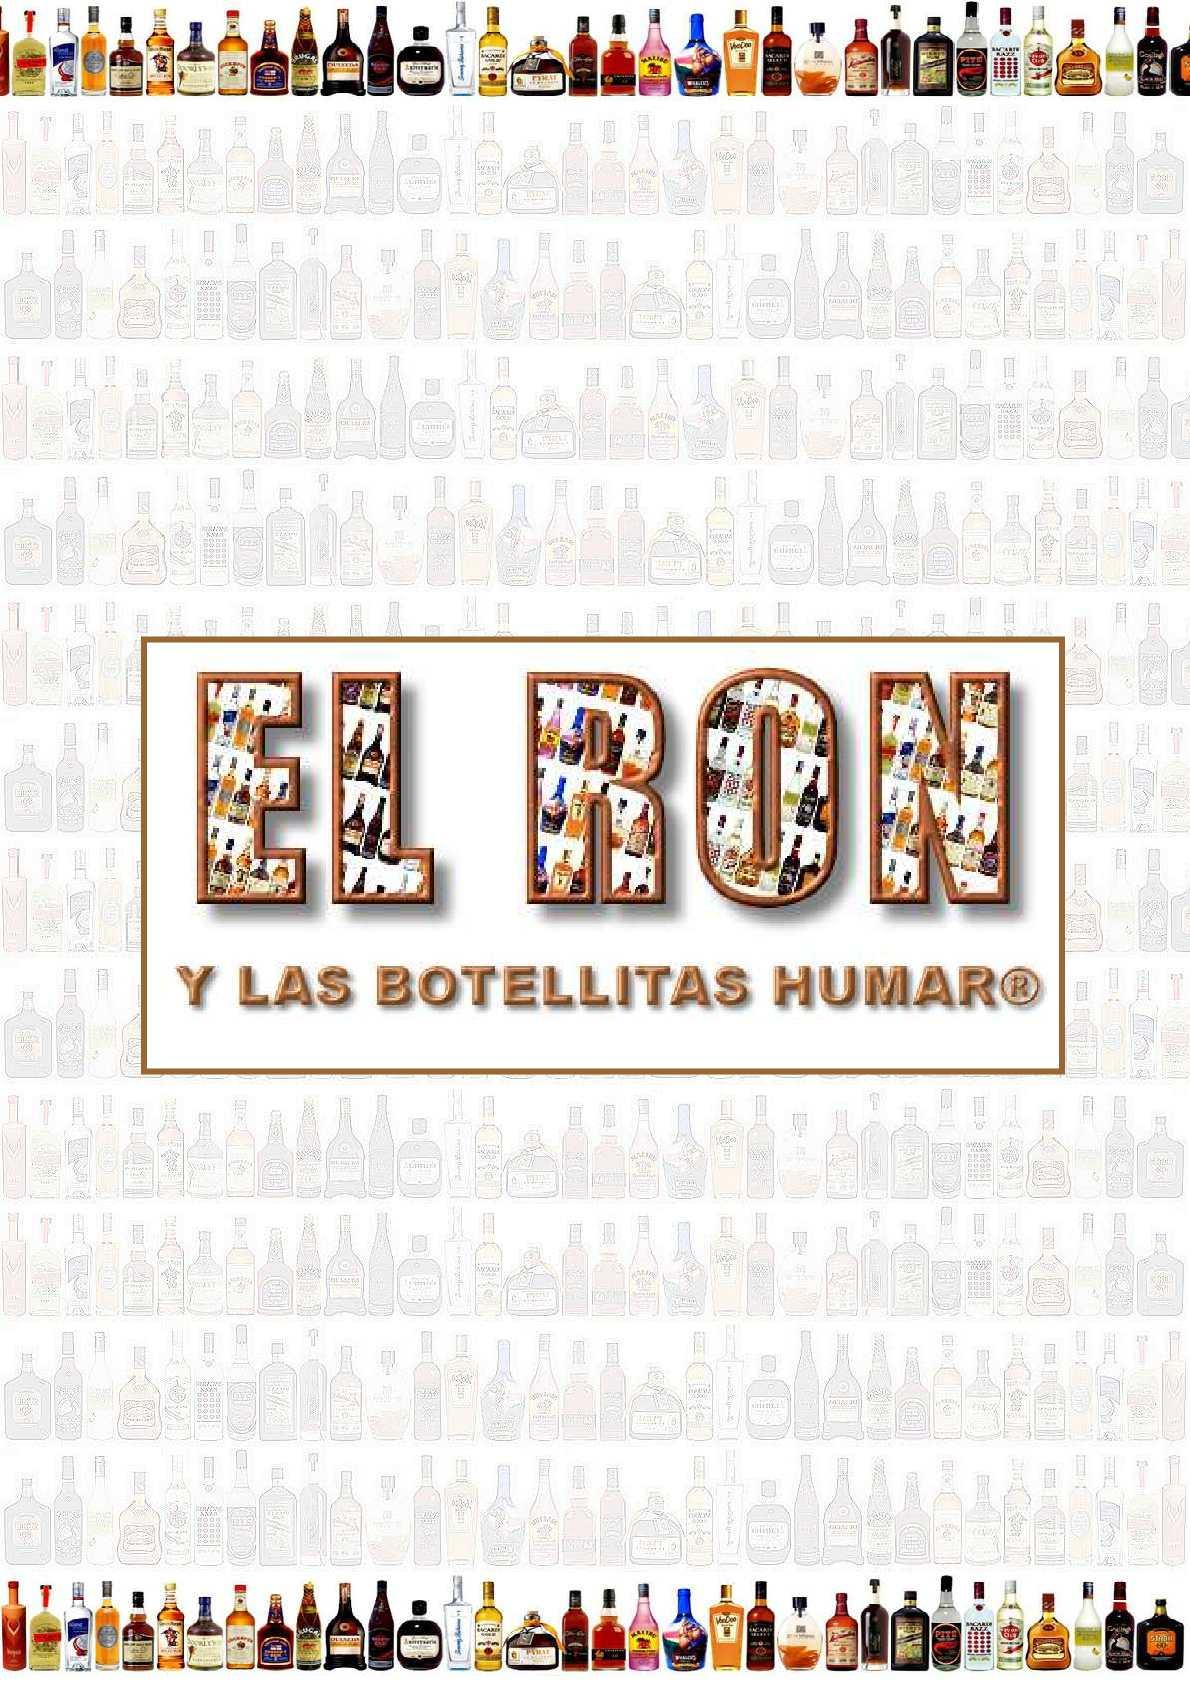 El Ron de Botellitas Humar®